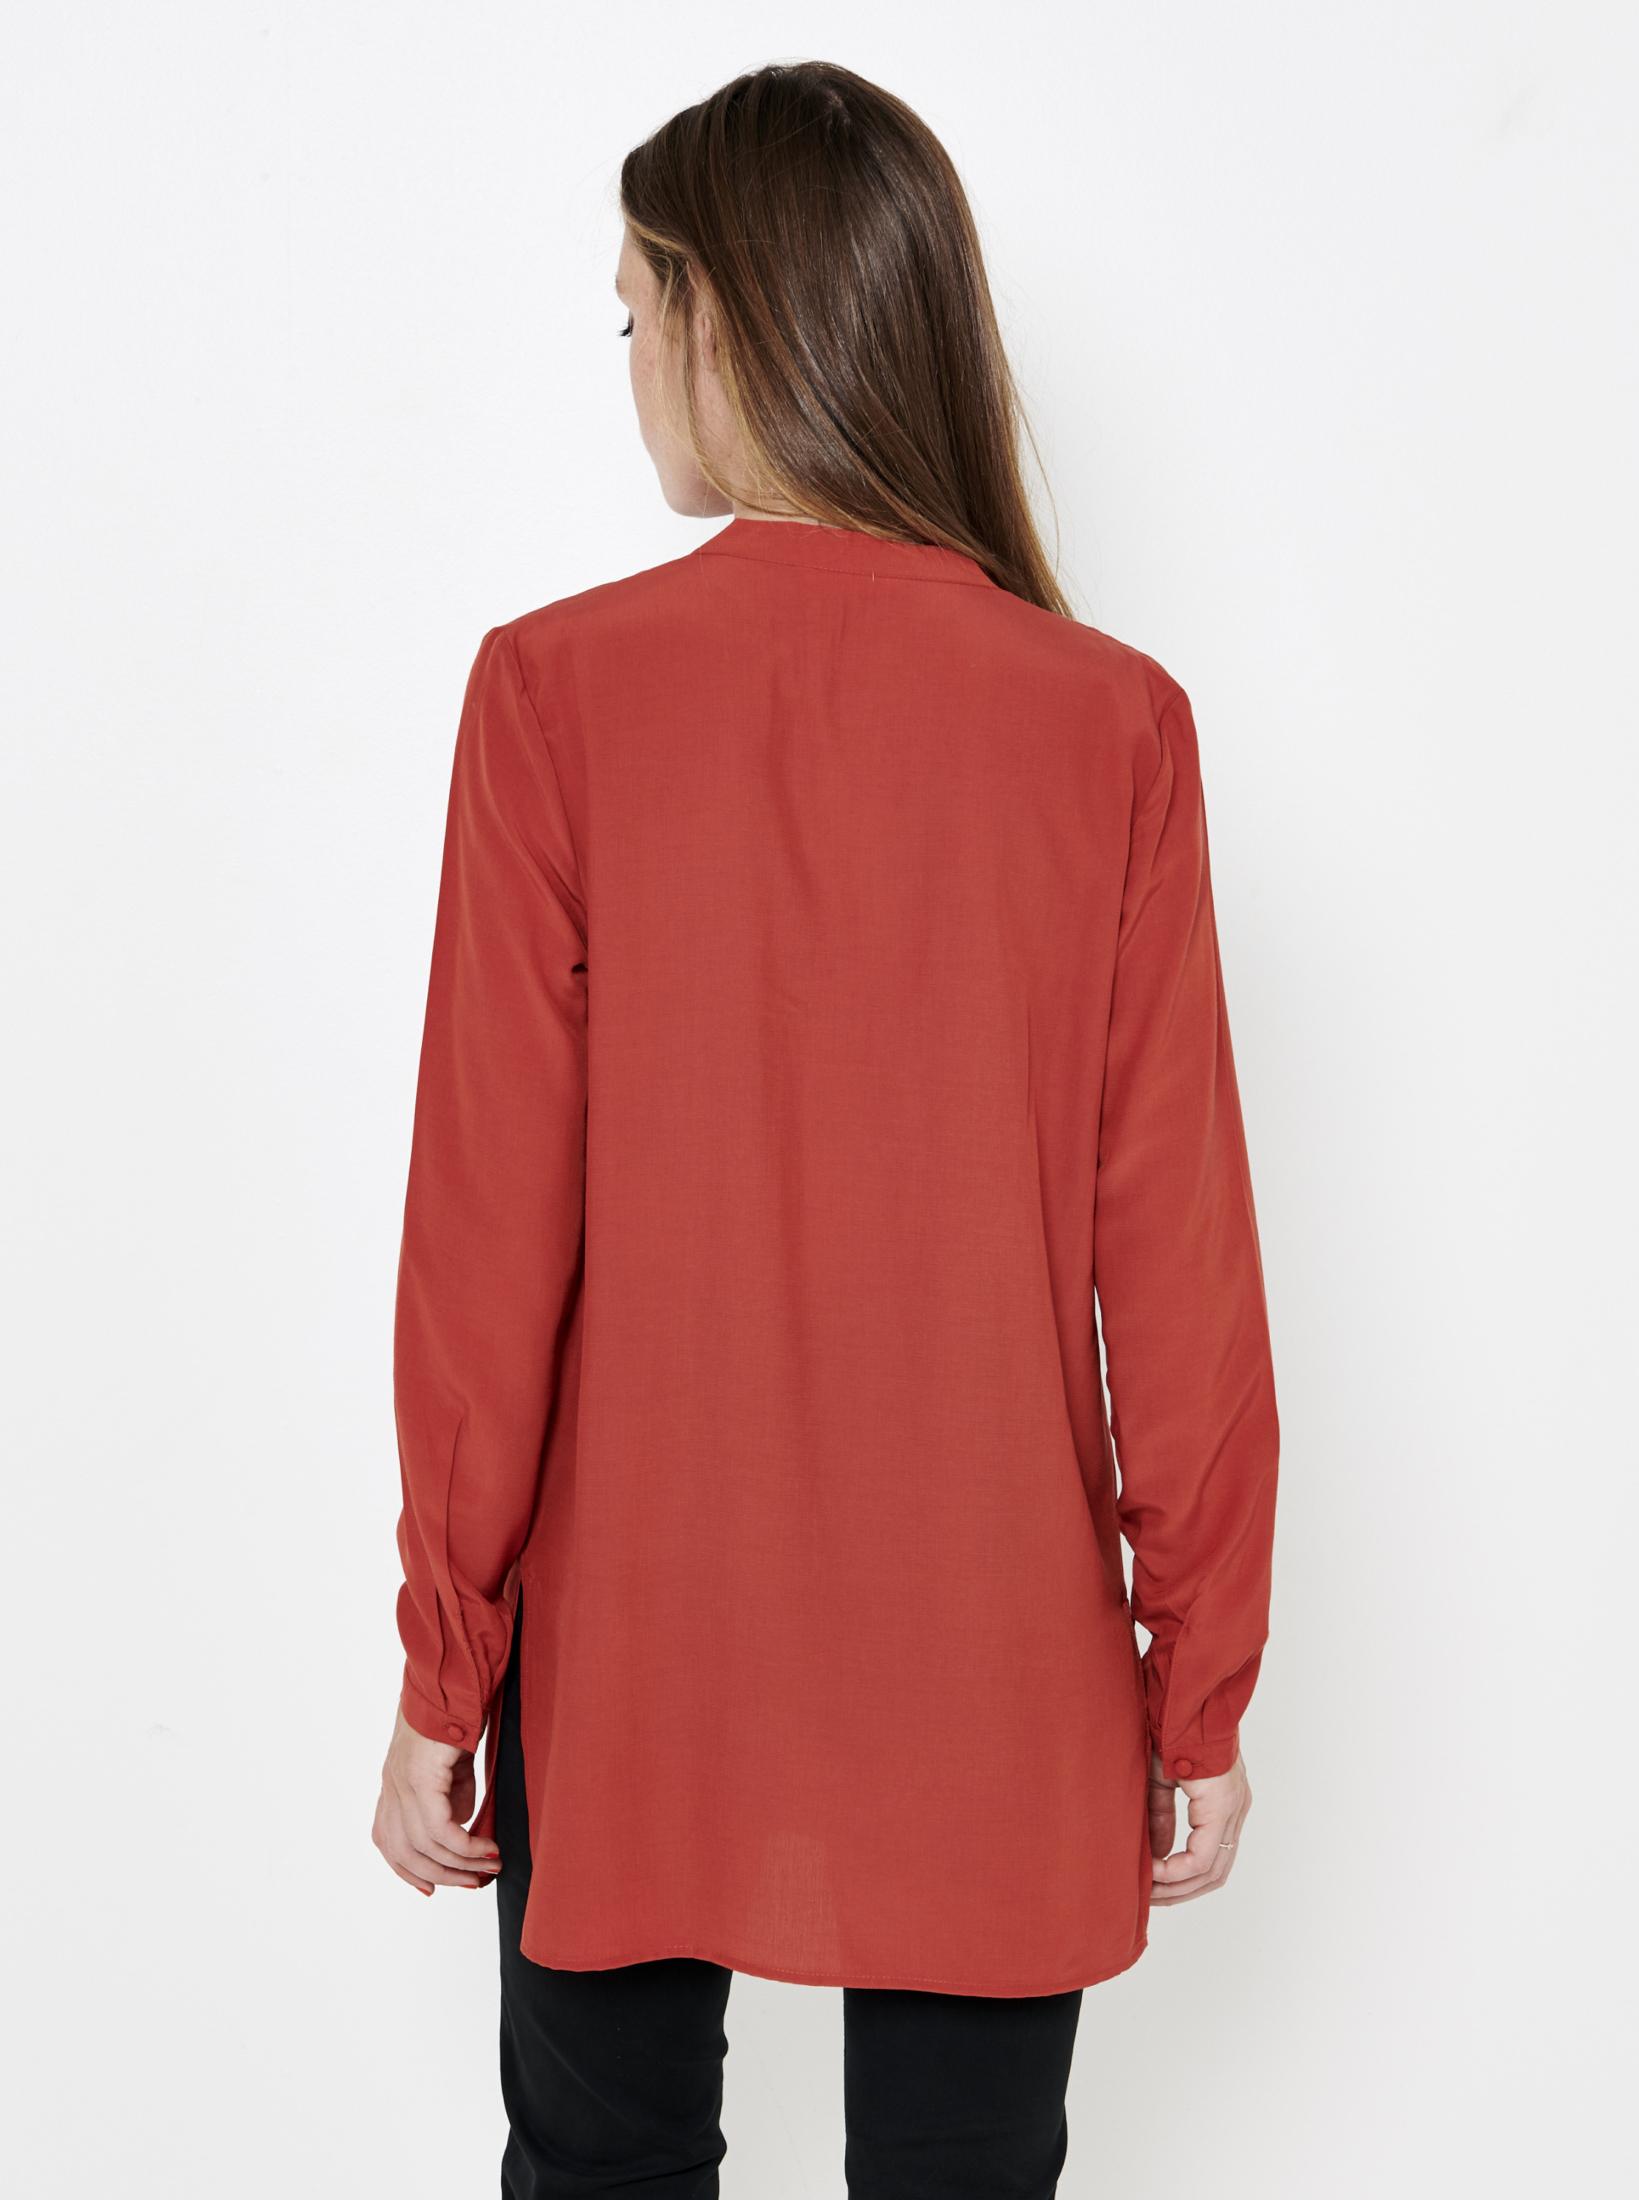 CAMAIEU Women's blouse coral